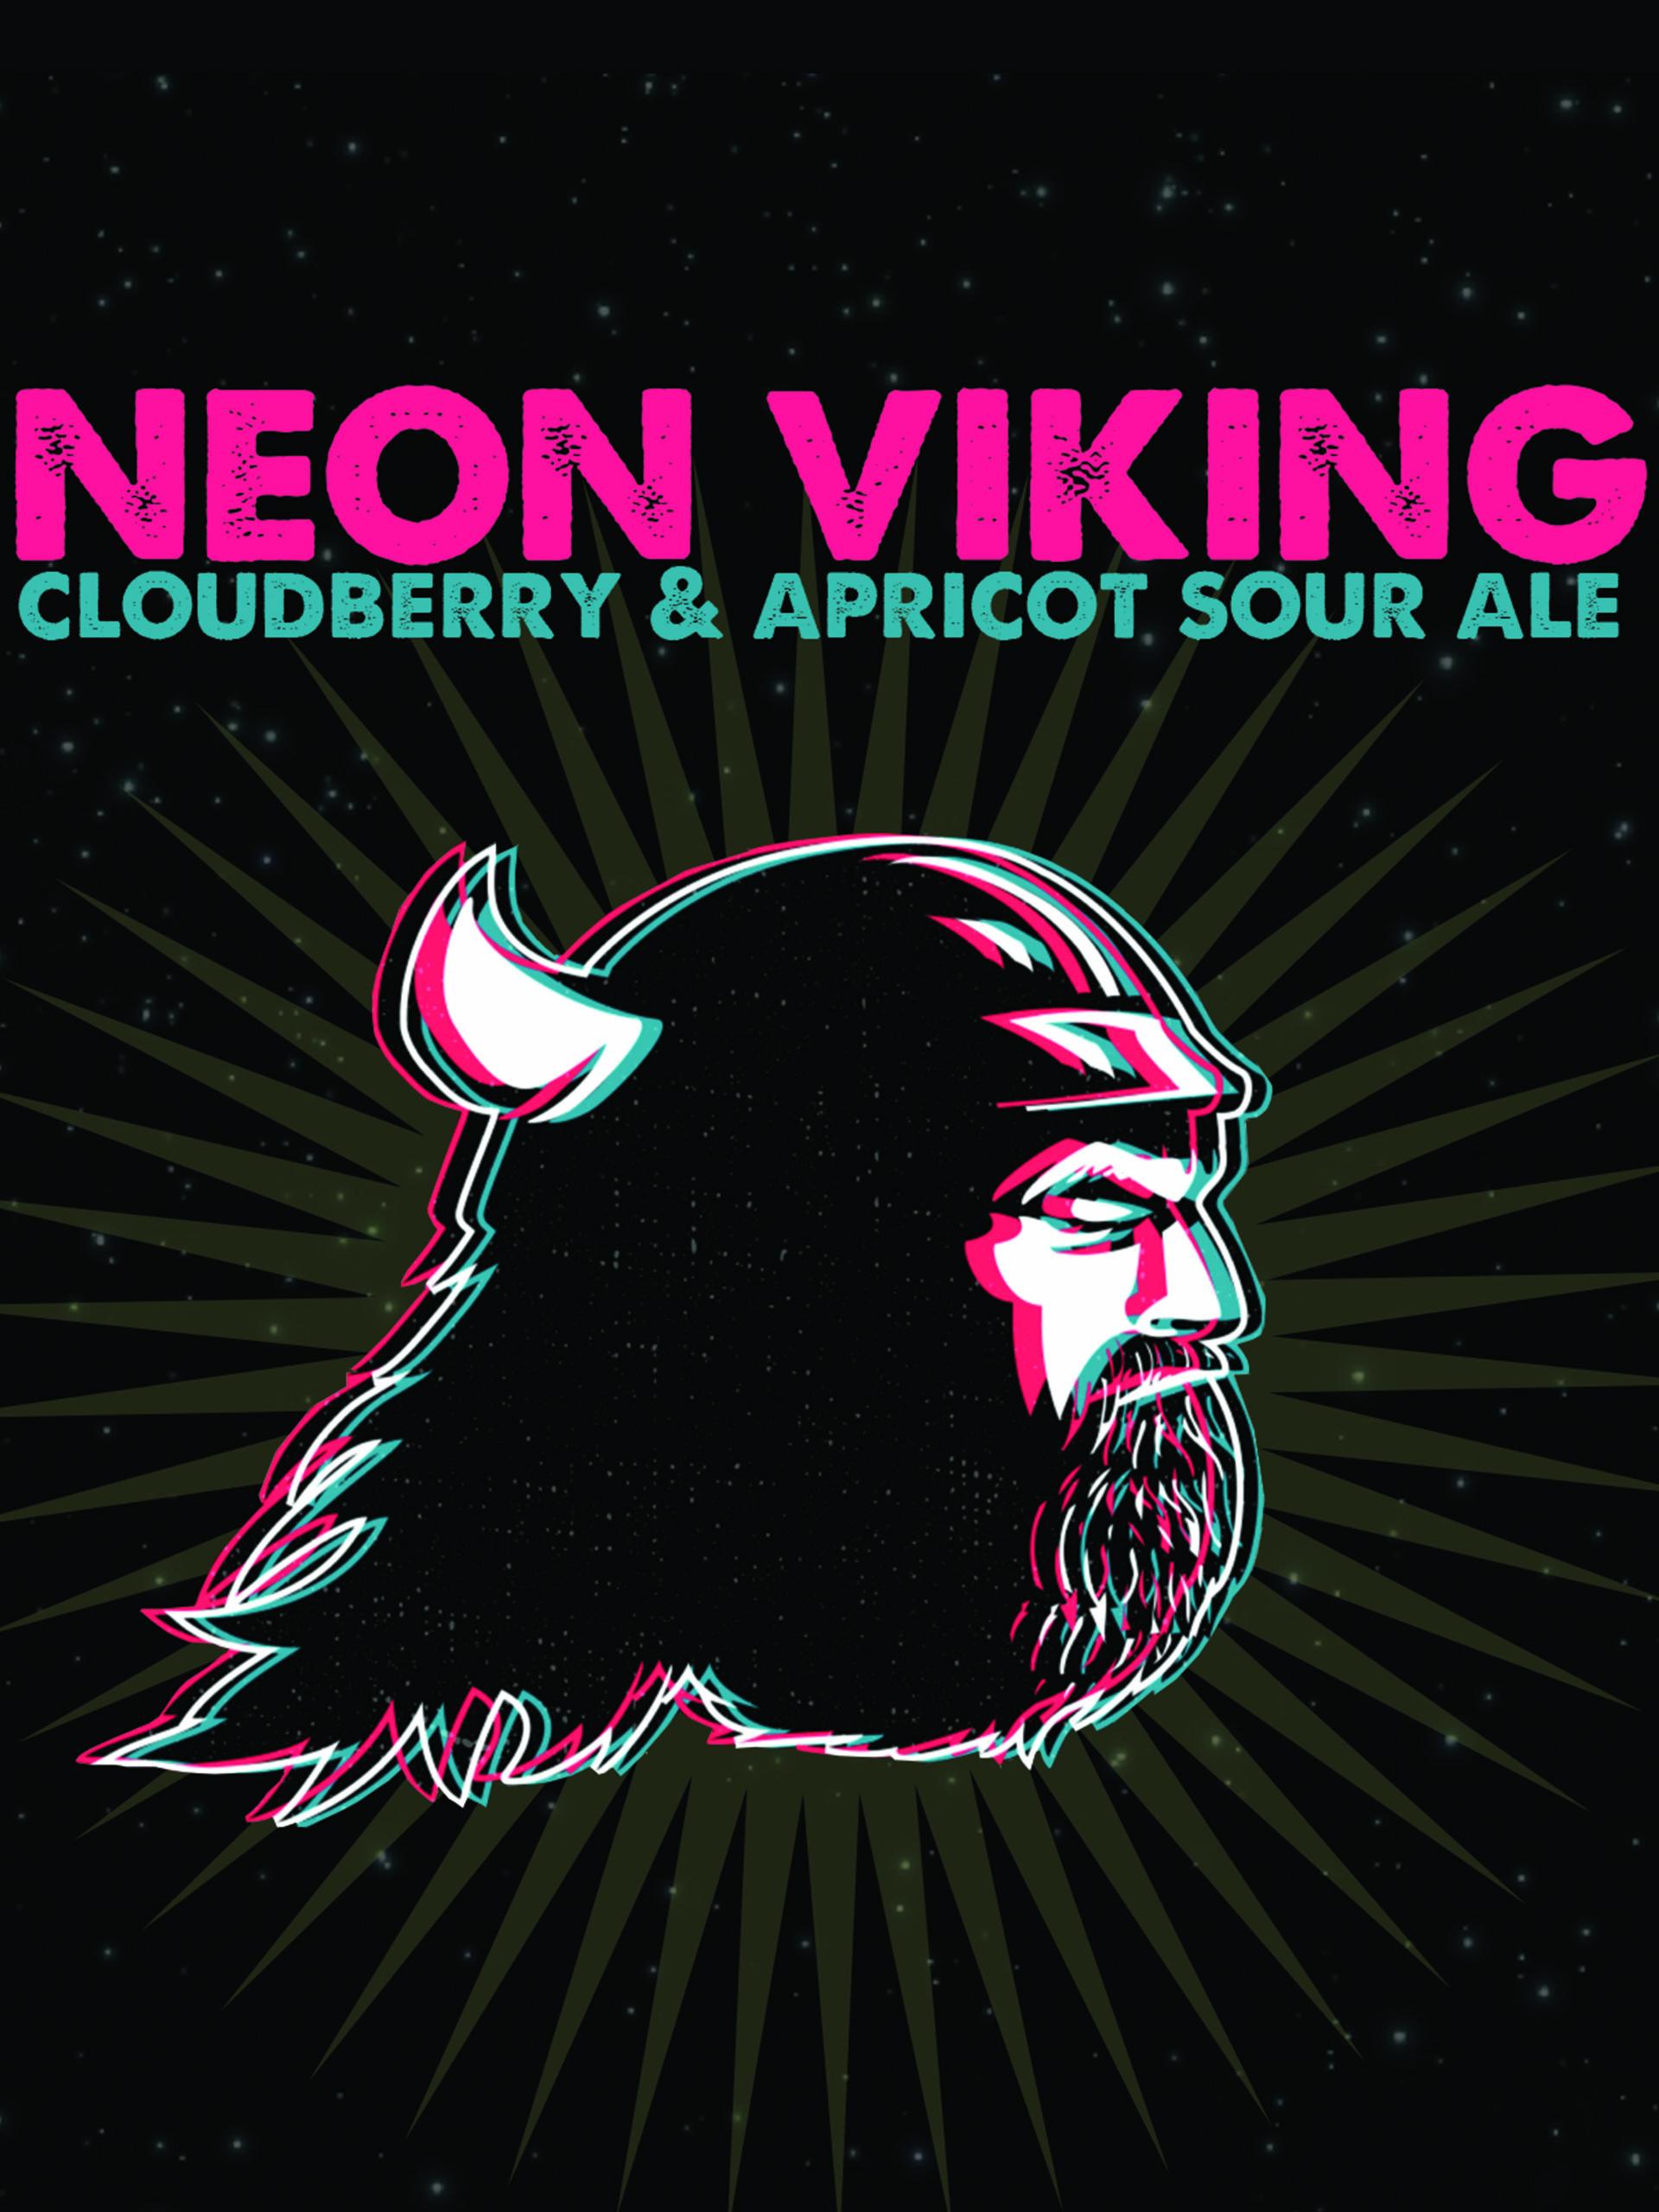 Neon Viking